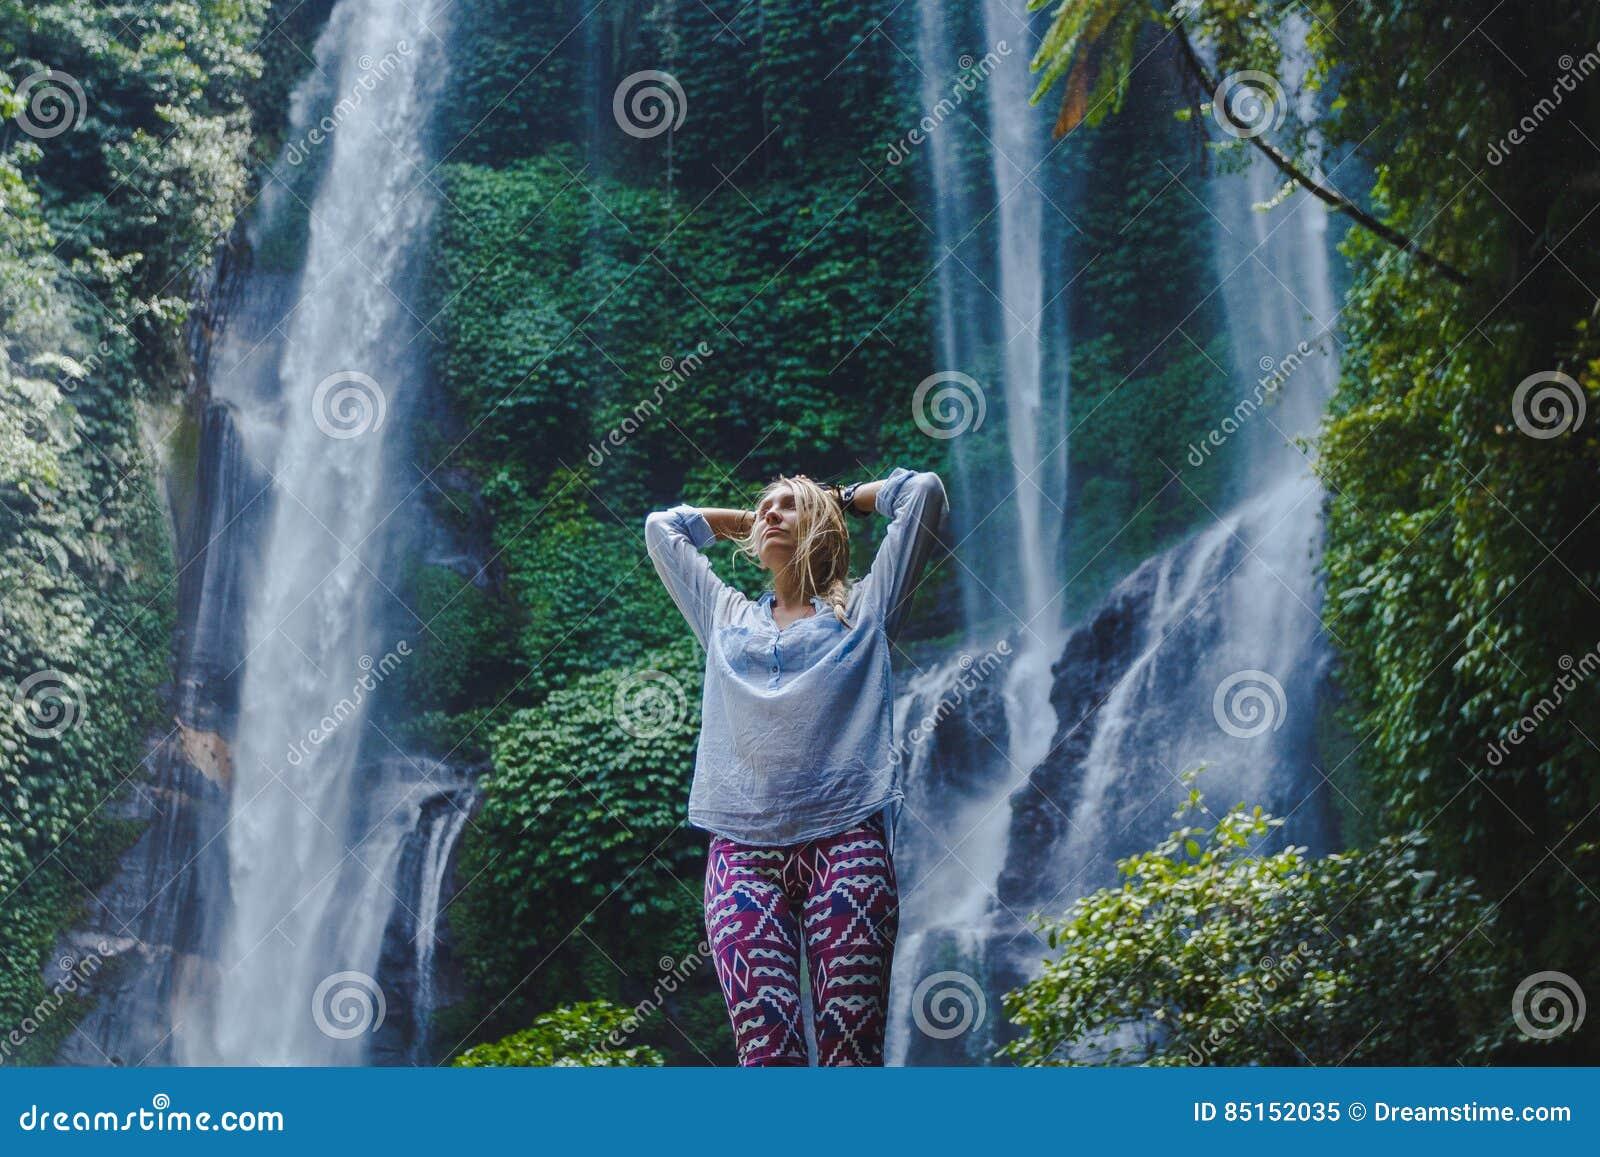 Flicka nära vattenfallet